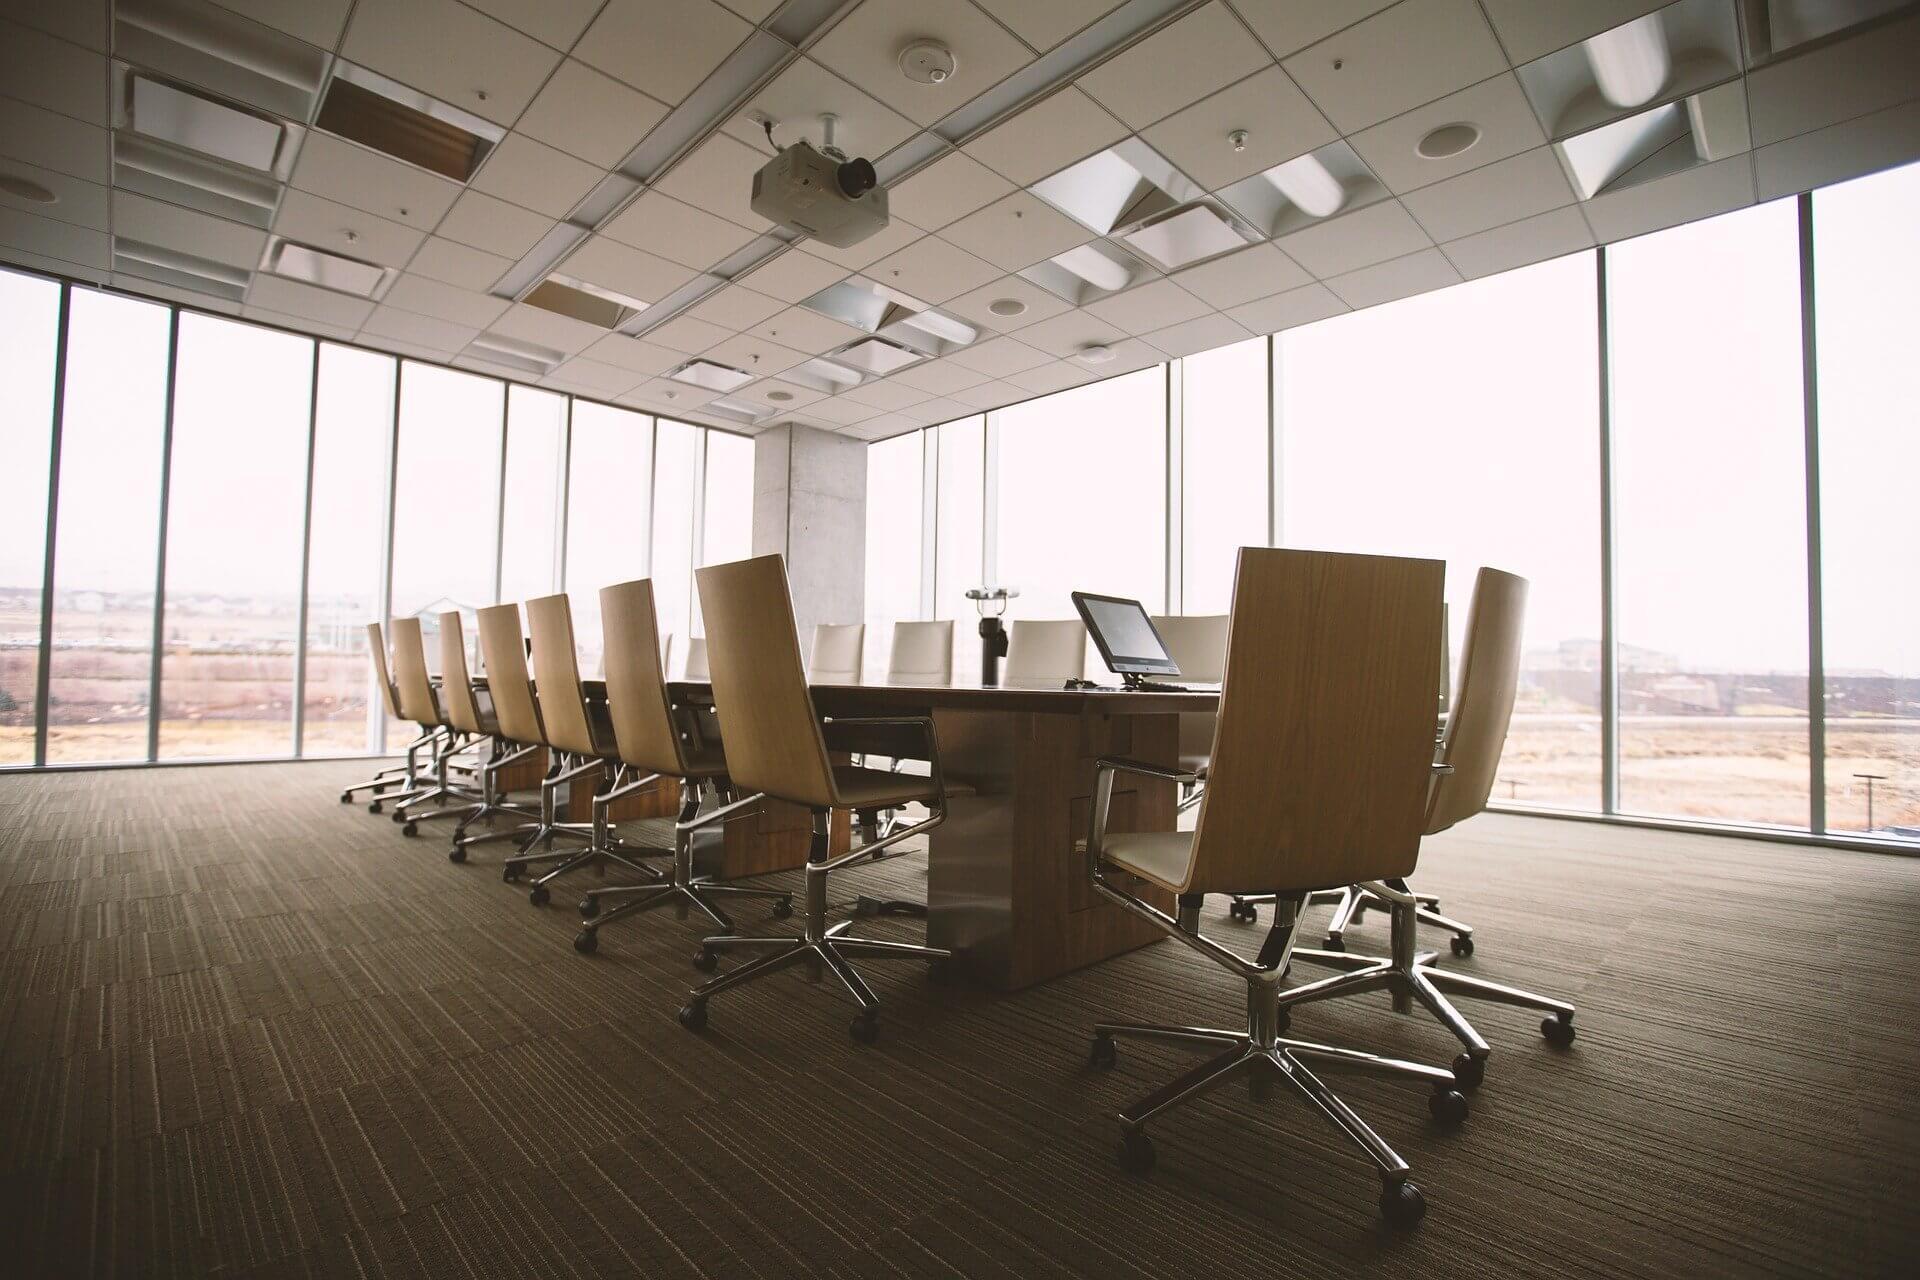 Büromöbel aus Ausdruck für Veränderungen in der Arbeitswelt (c) pixabay.de